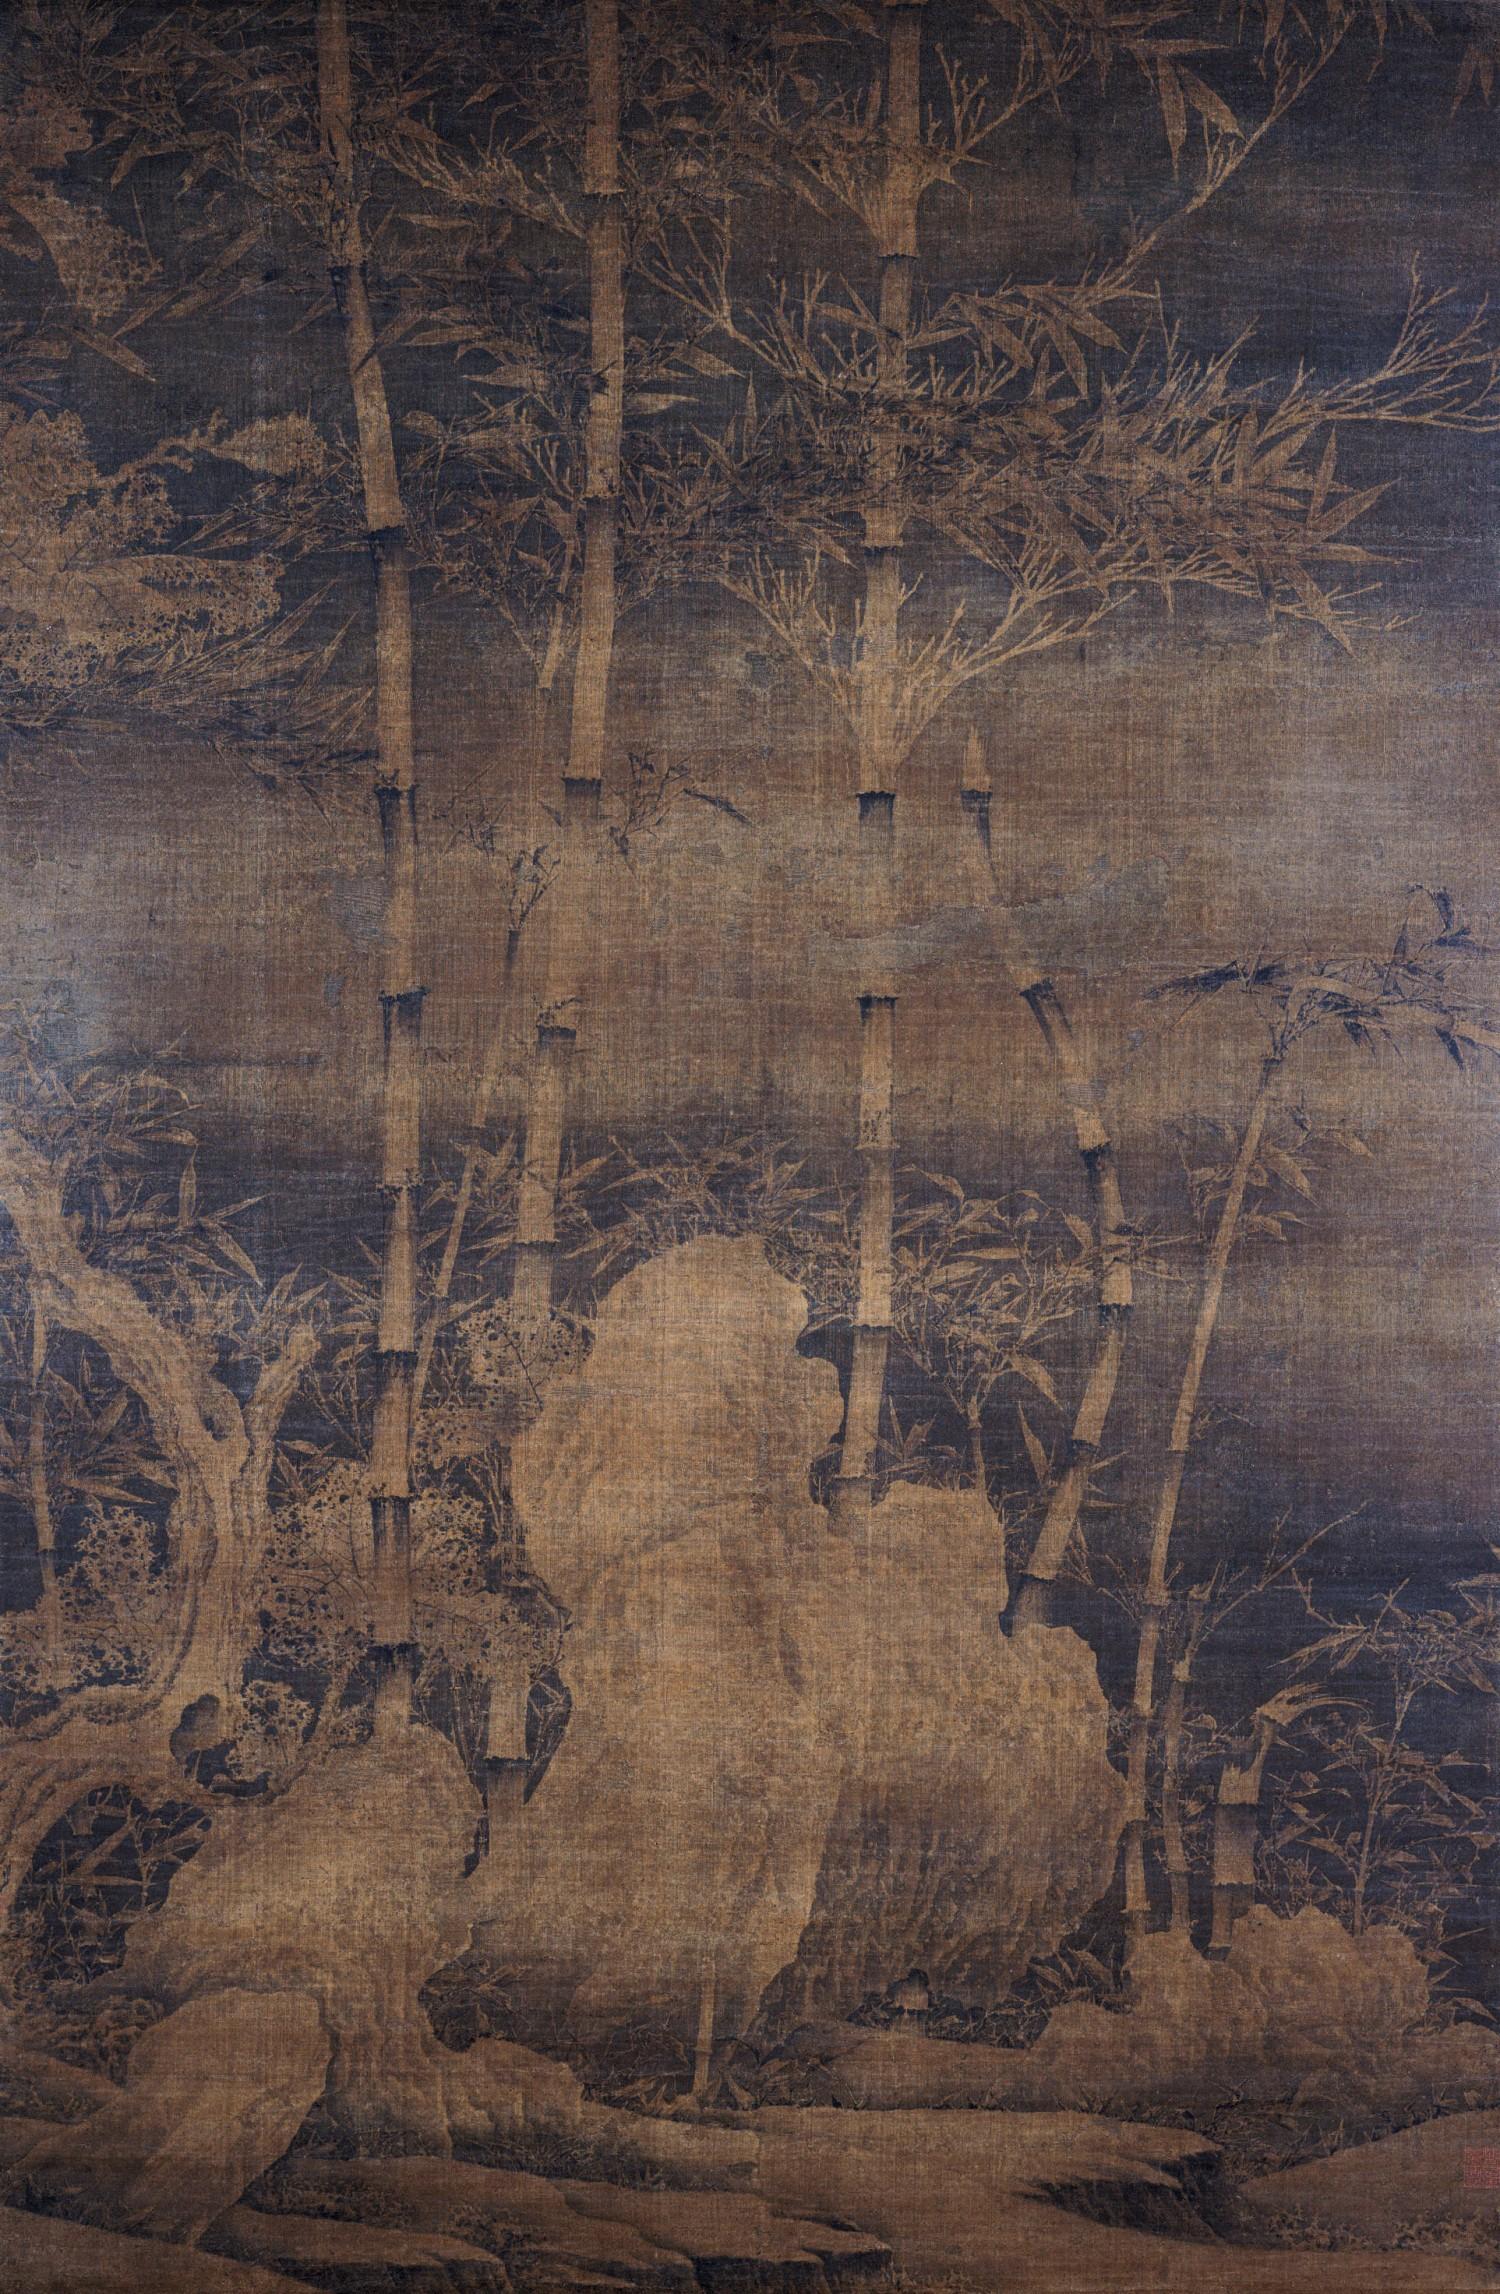 南唐 徐熙雪竹图轴 绢本 纵151.1 厘米 横99.2 厘米 上海博物馆藏